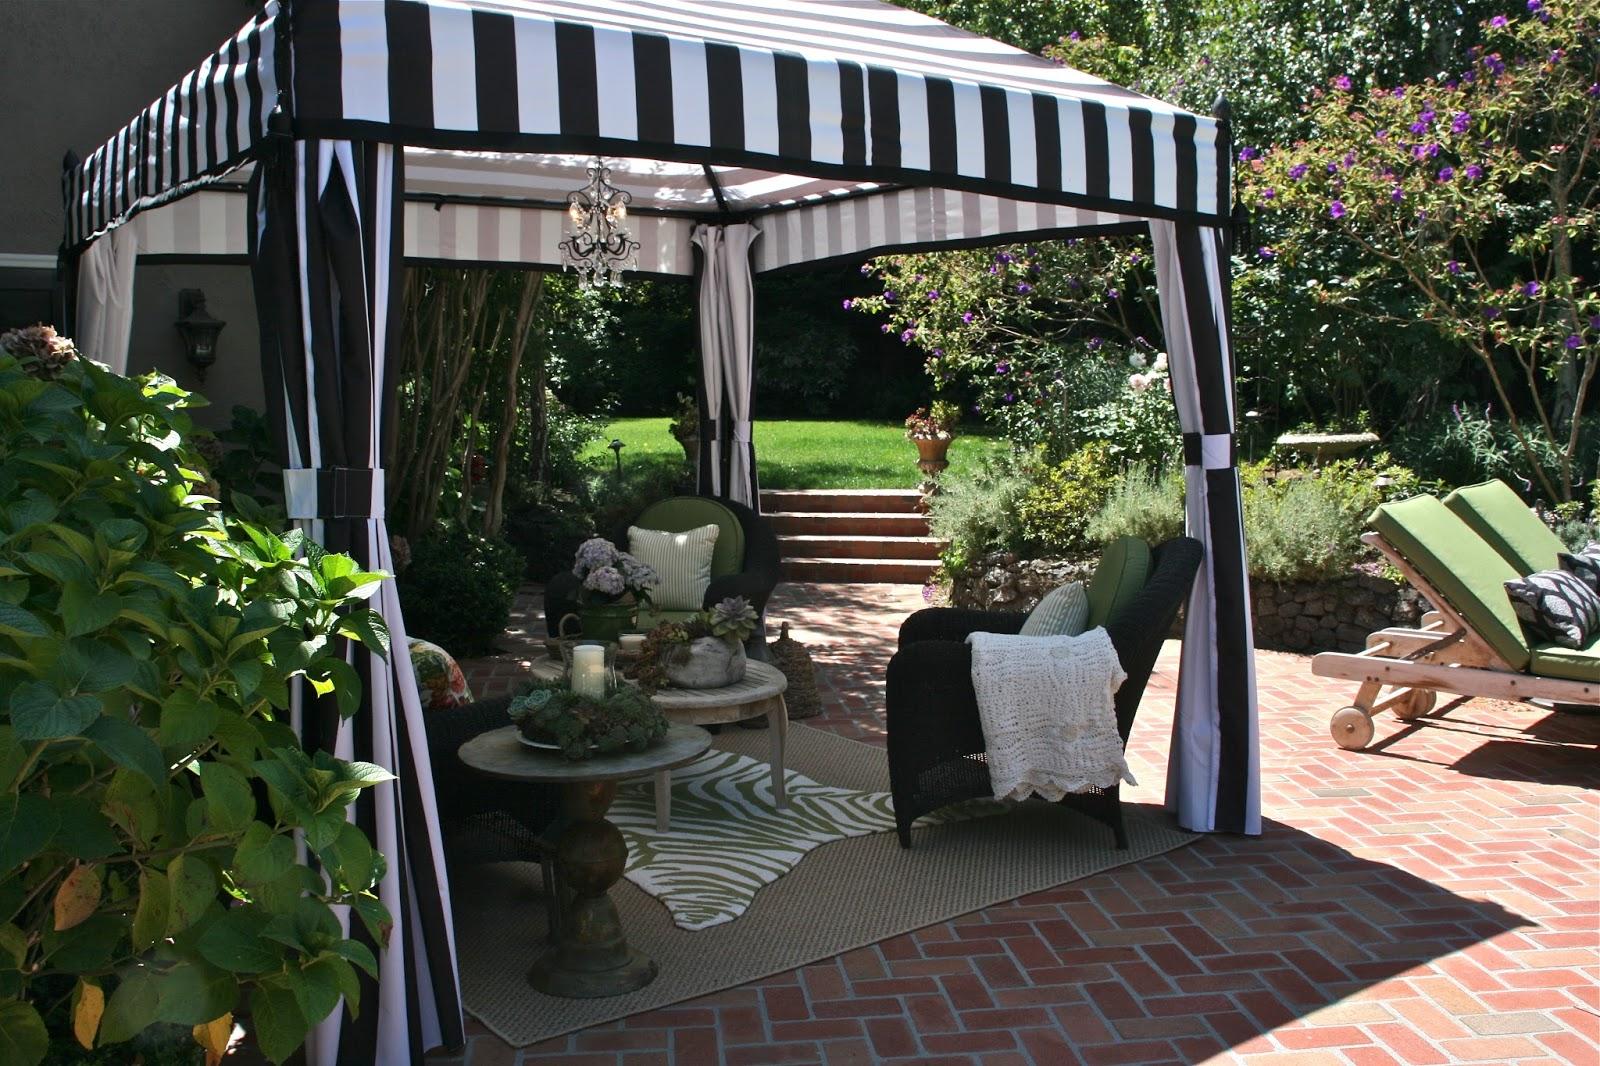 vignette design the portofino pavilion a dream come true